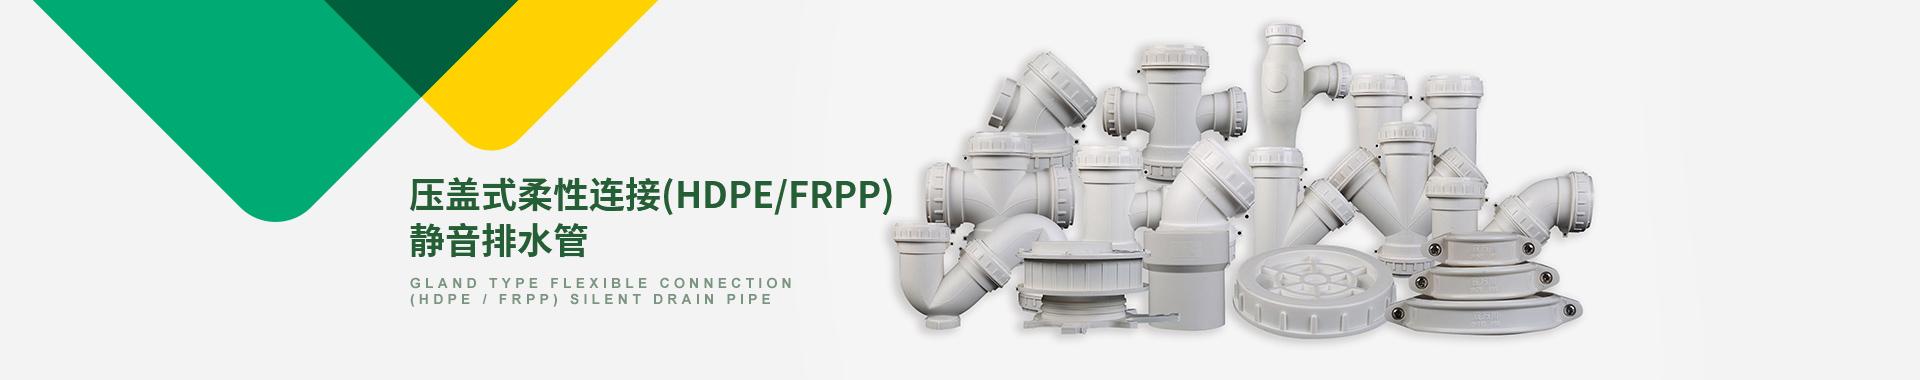 压盖式柔性连接(HDPE/FRPP)静音排水管